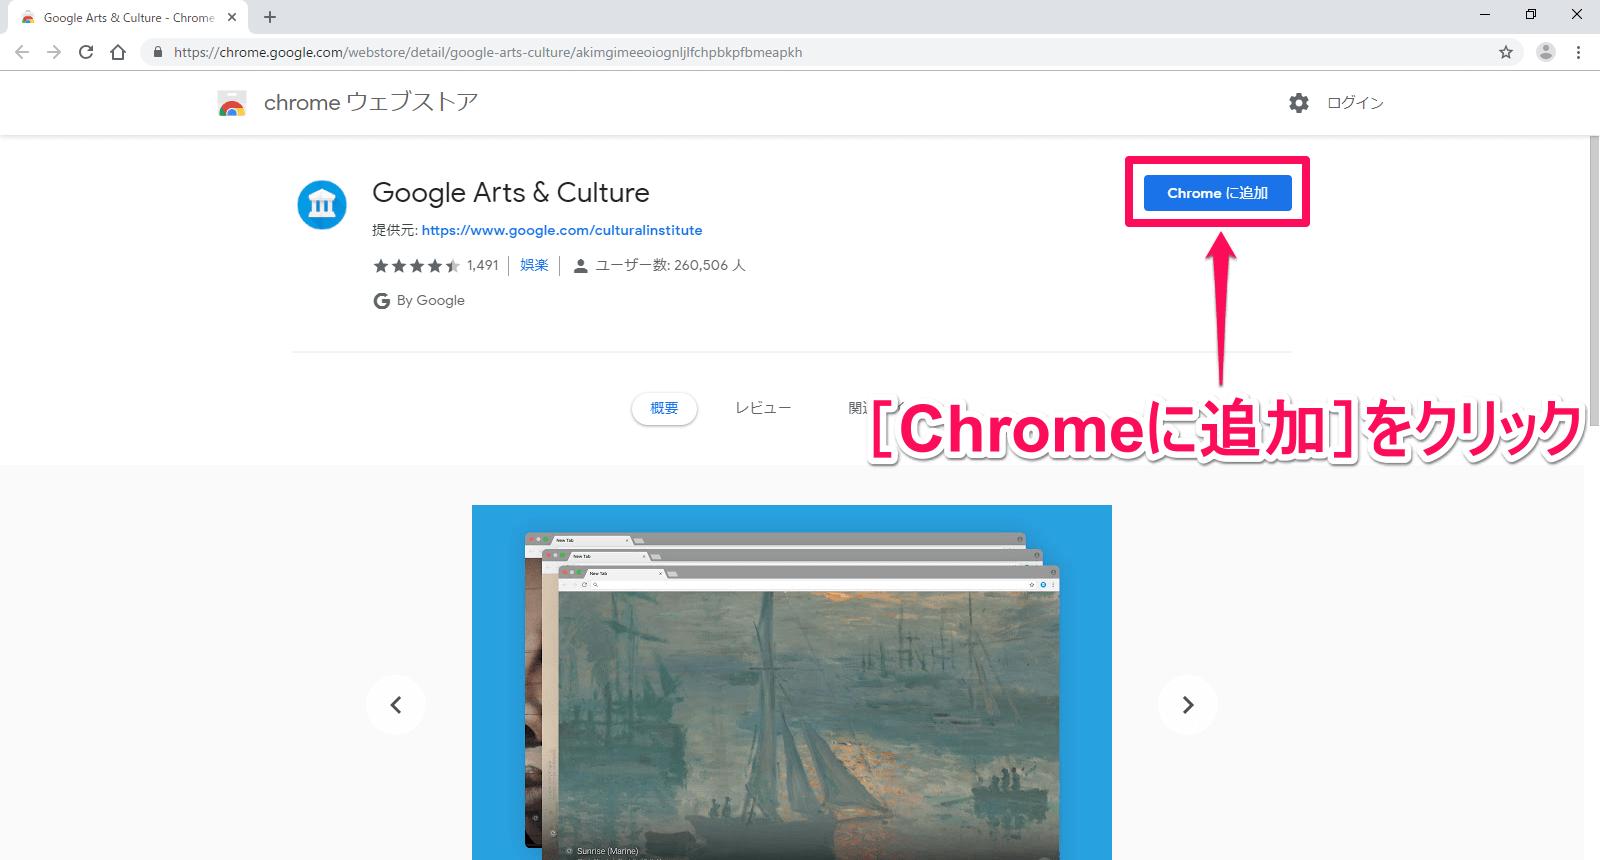 Chrome(クローム)で「Google Arts & Culture」拡張機能のページにアクセスした画面